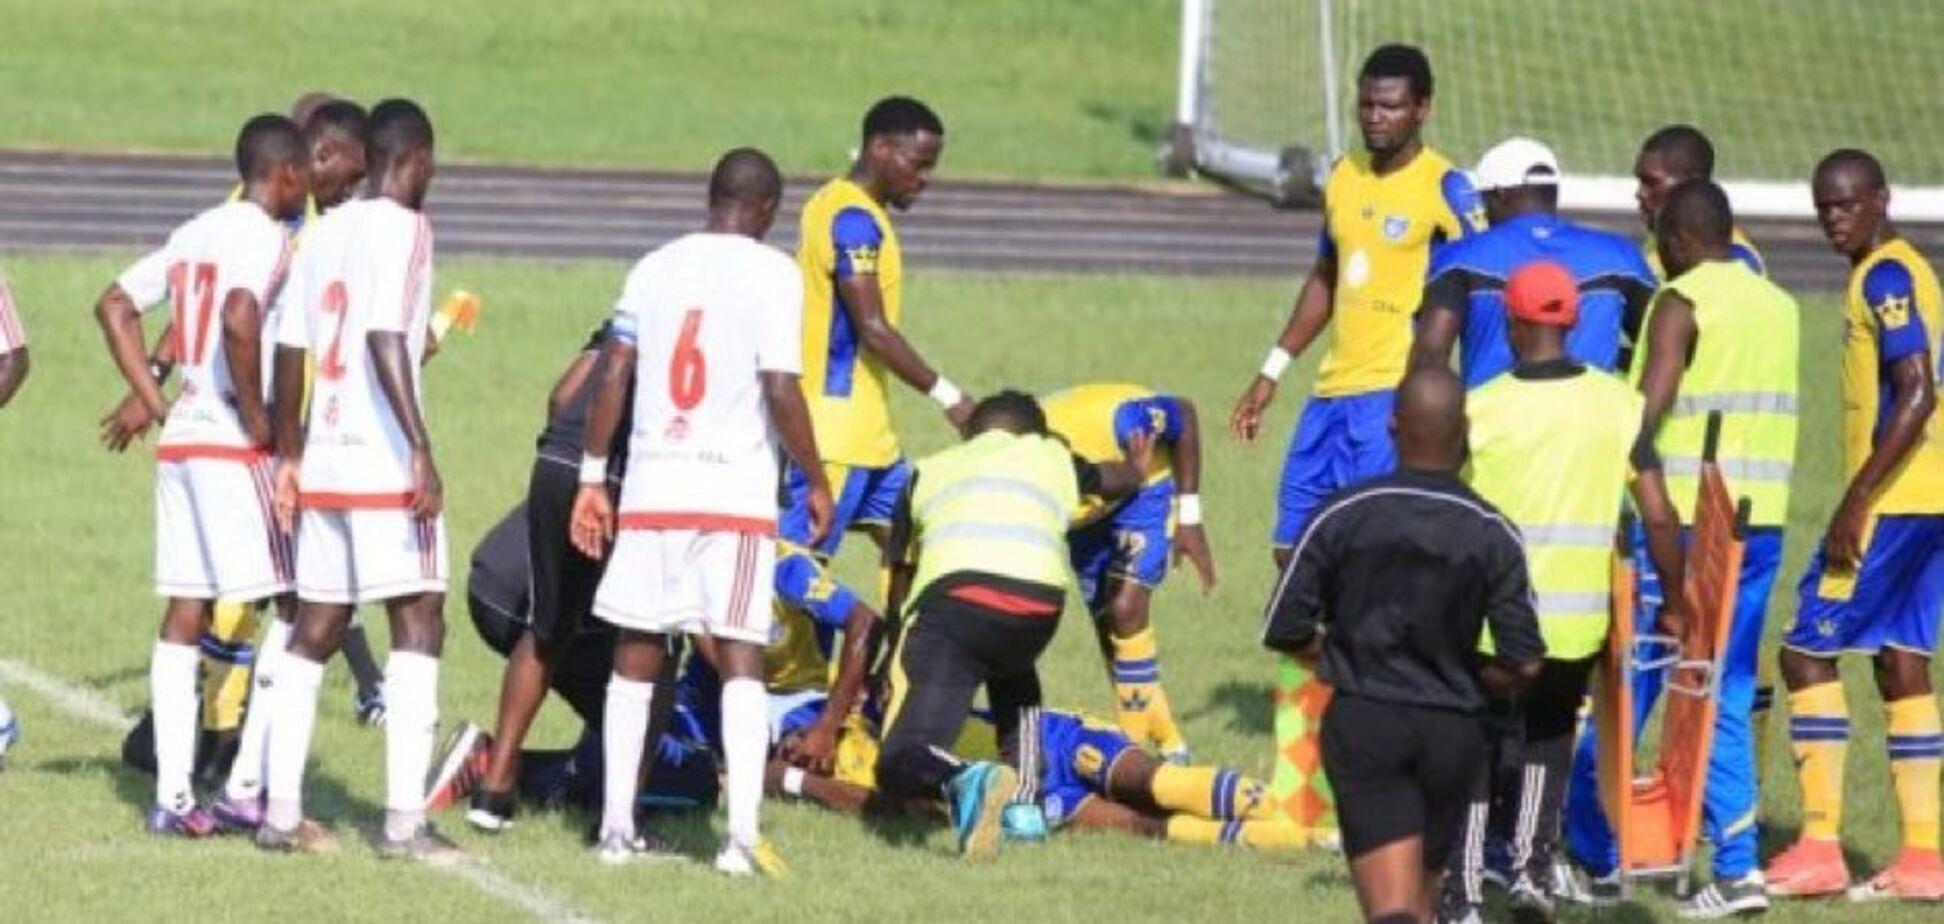 Футболіст на матчі впав і помер — відеофакт